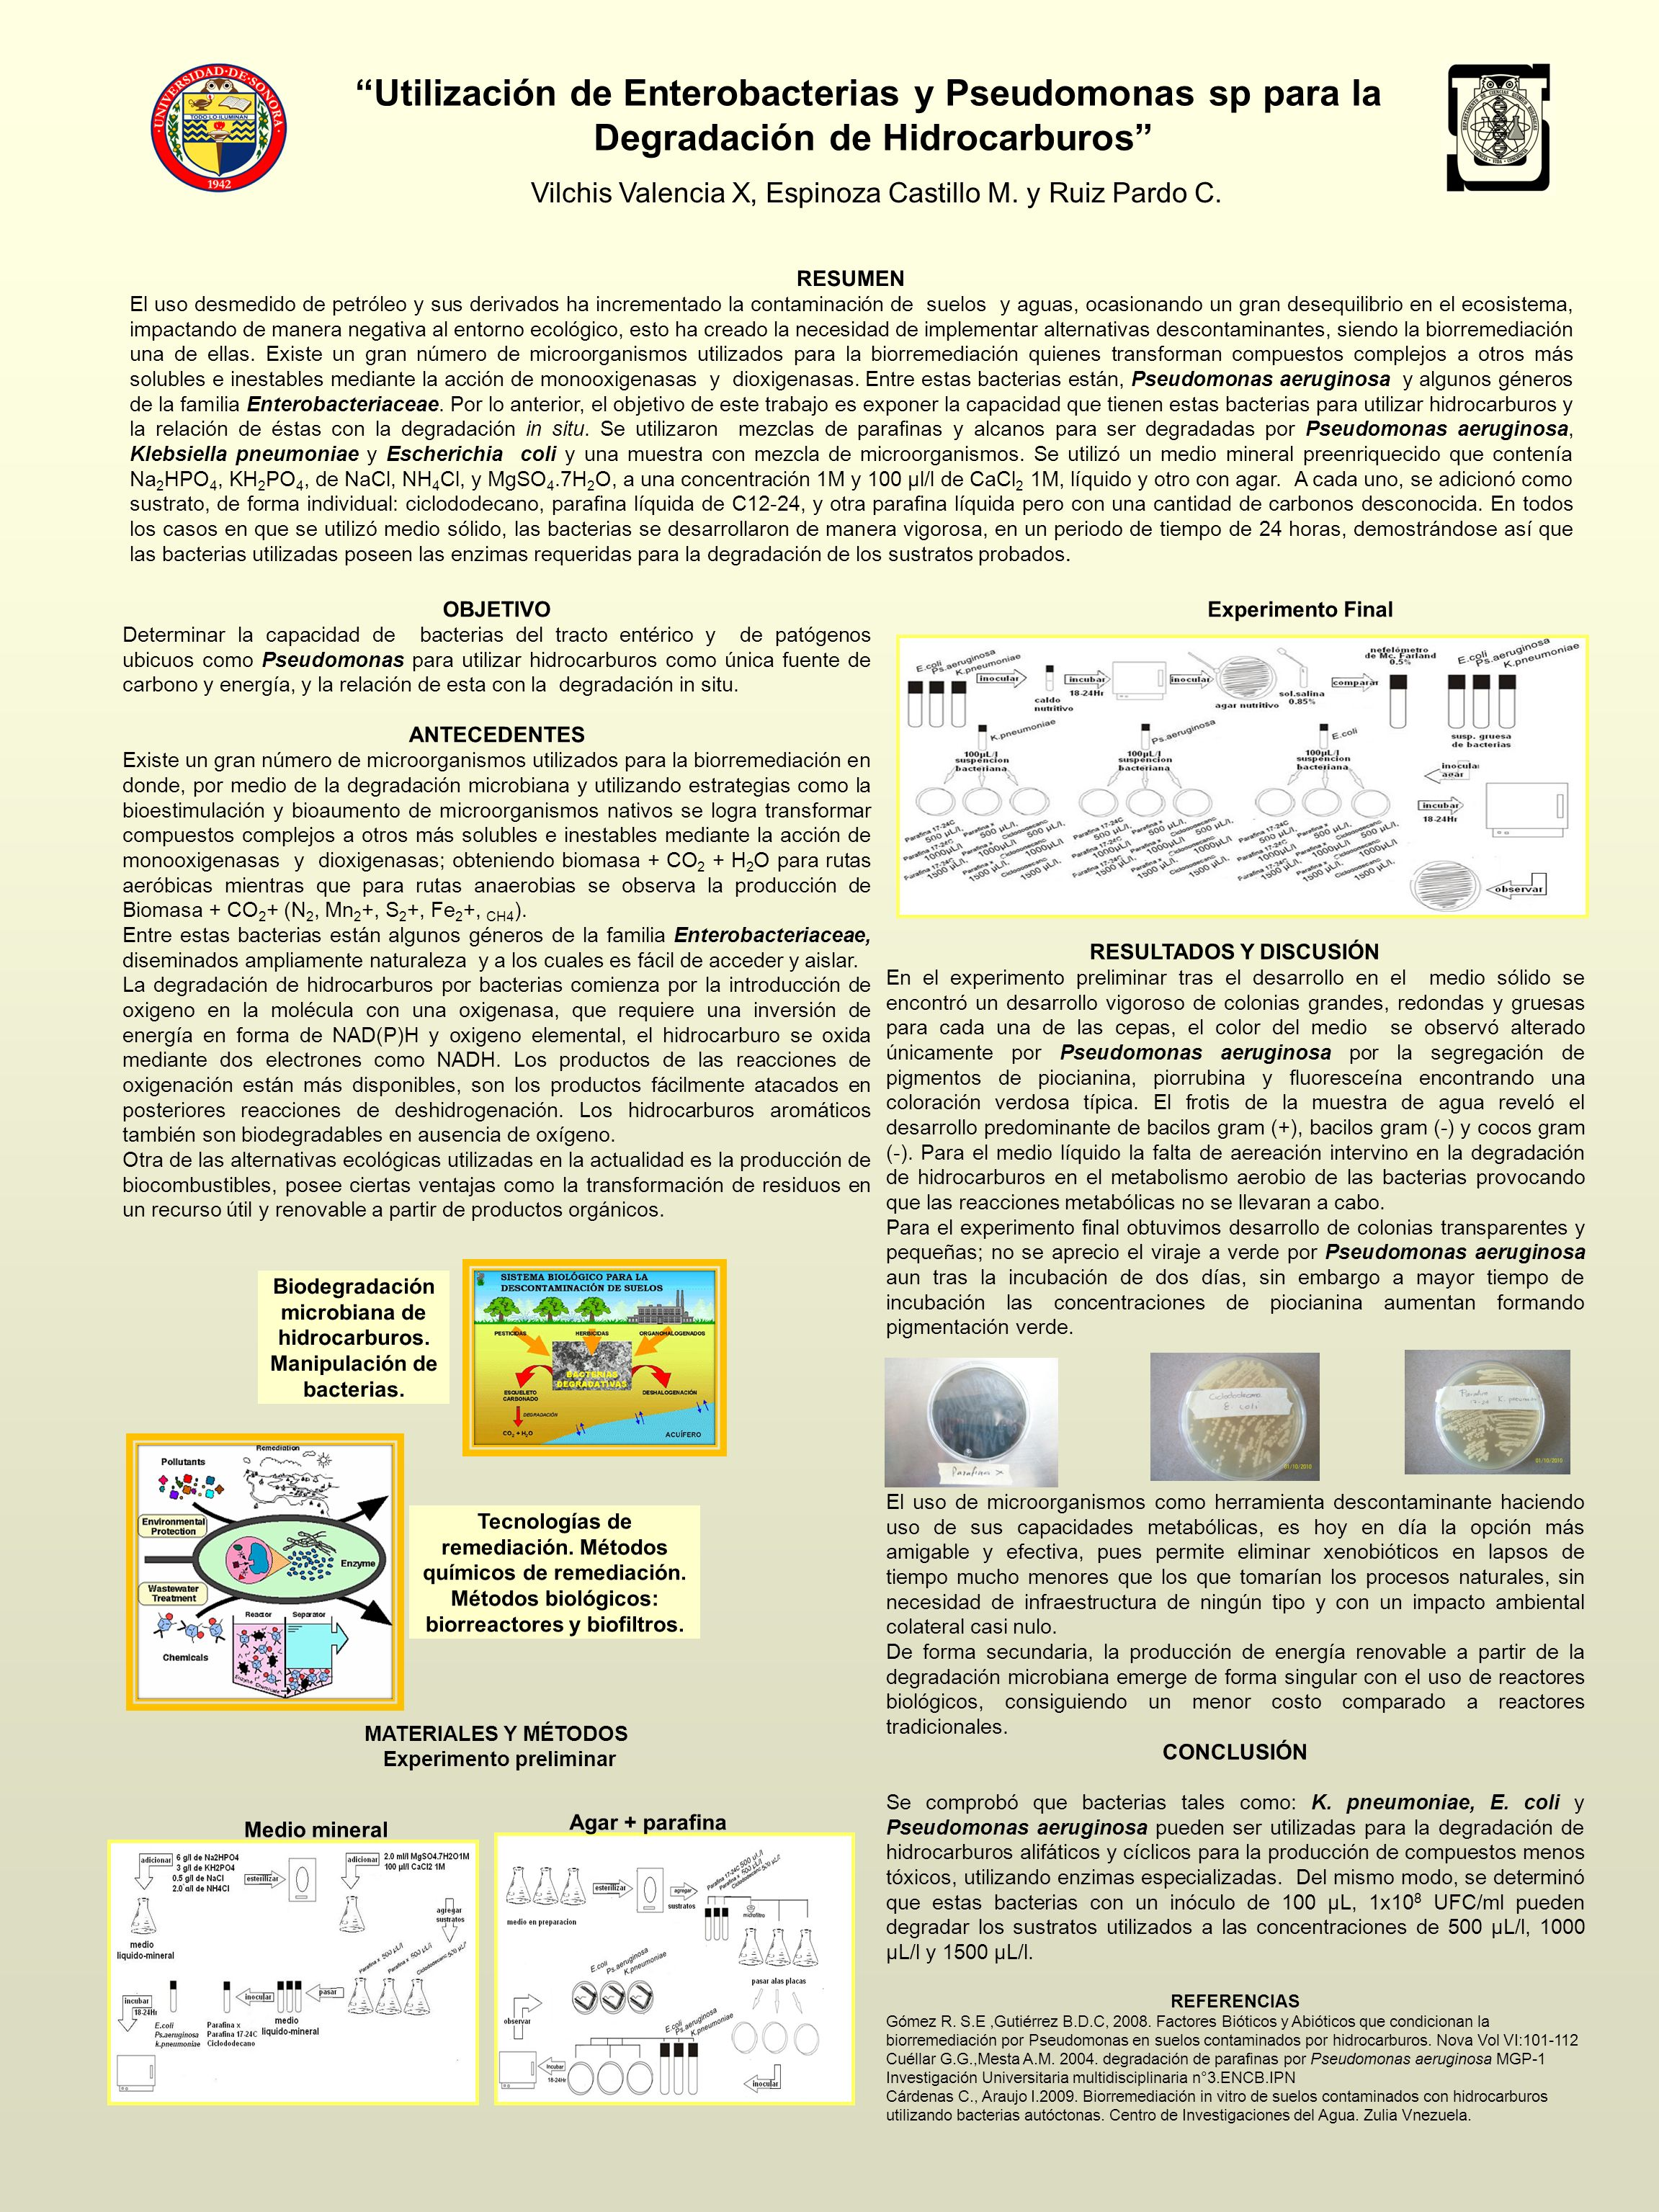 Utilización de Enterobacterias y Pseudomonas sp para la